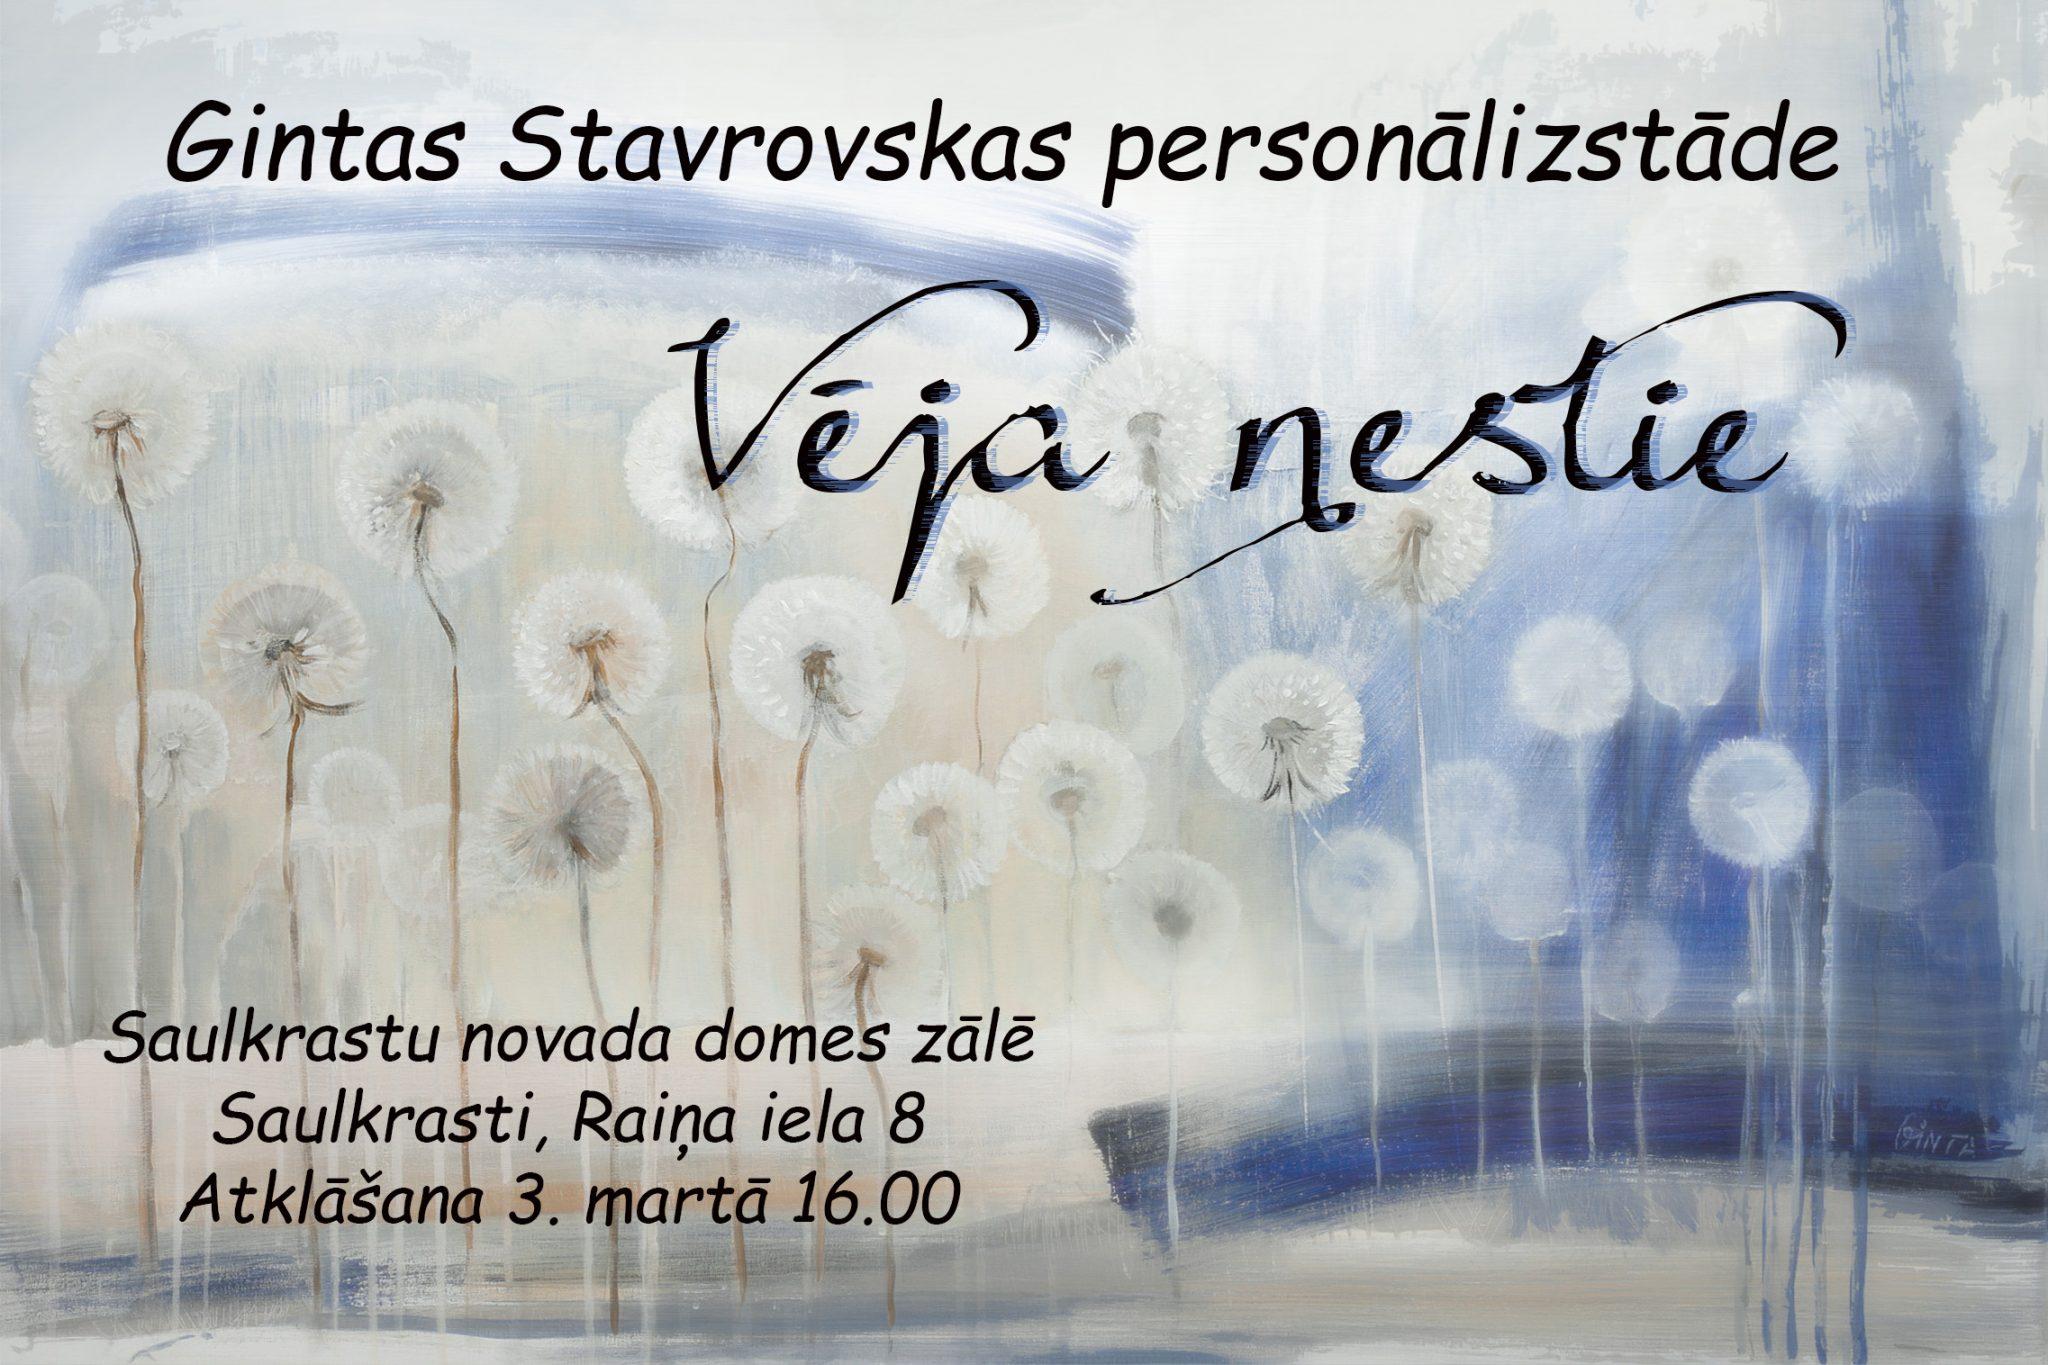 Afisa Veja Nestie